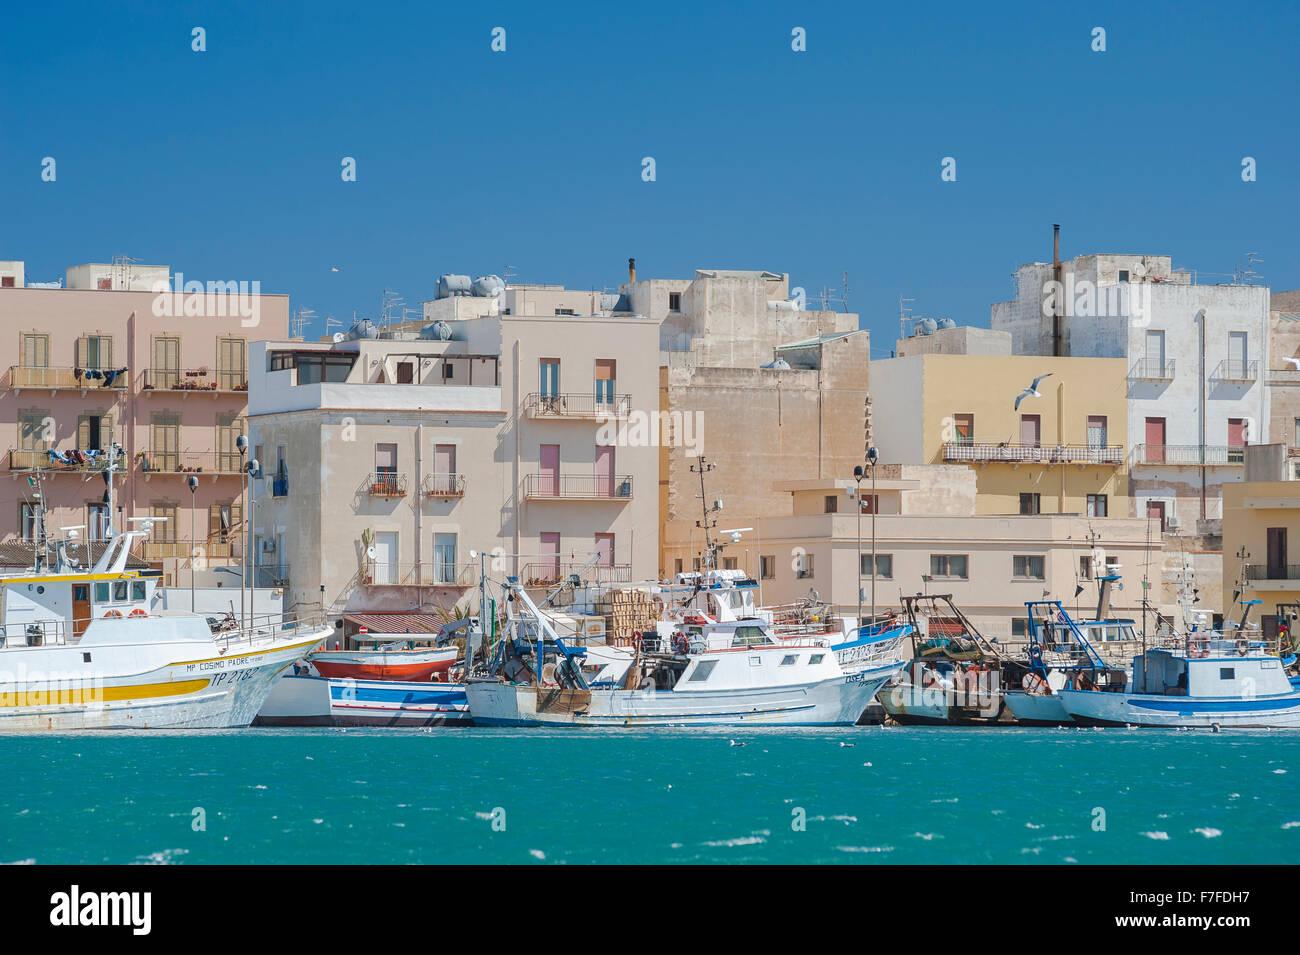 Ostküste Siziliens Stadt, Angeln Boote entlang der Kaimauer im Hafen von Trapani, Sizilien. Stockbild